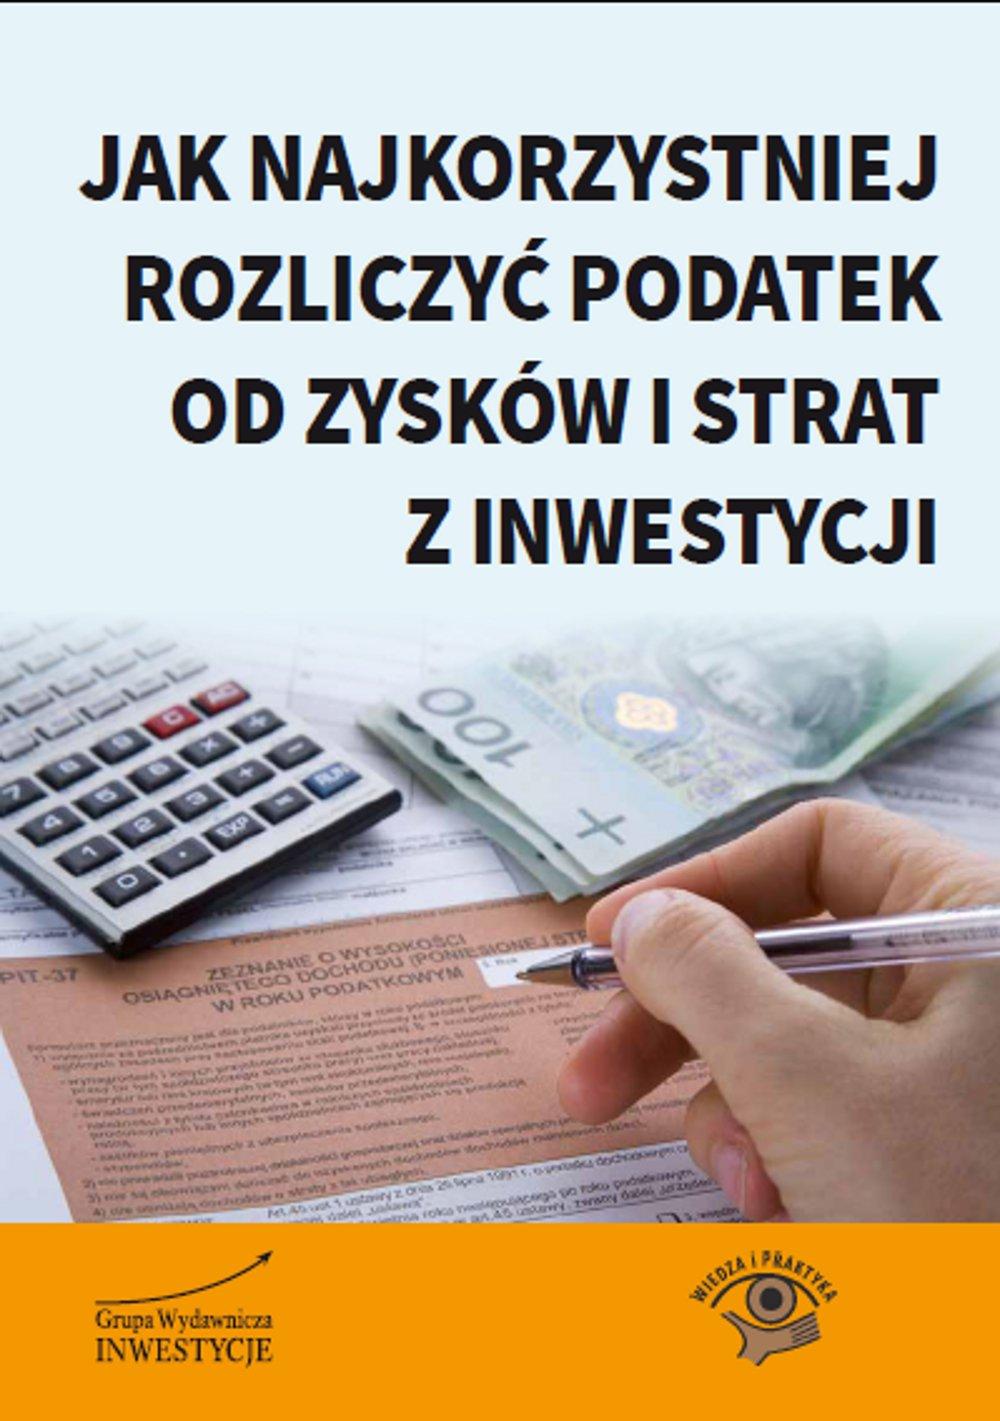 Jak najkorzystniej rozliczyć podatek od zysków i strat z inwestycji - Ebook (Książka PDF) do pobrania w formacie PDF